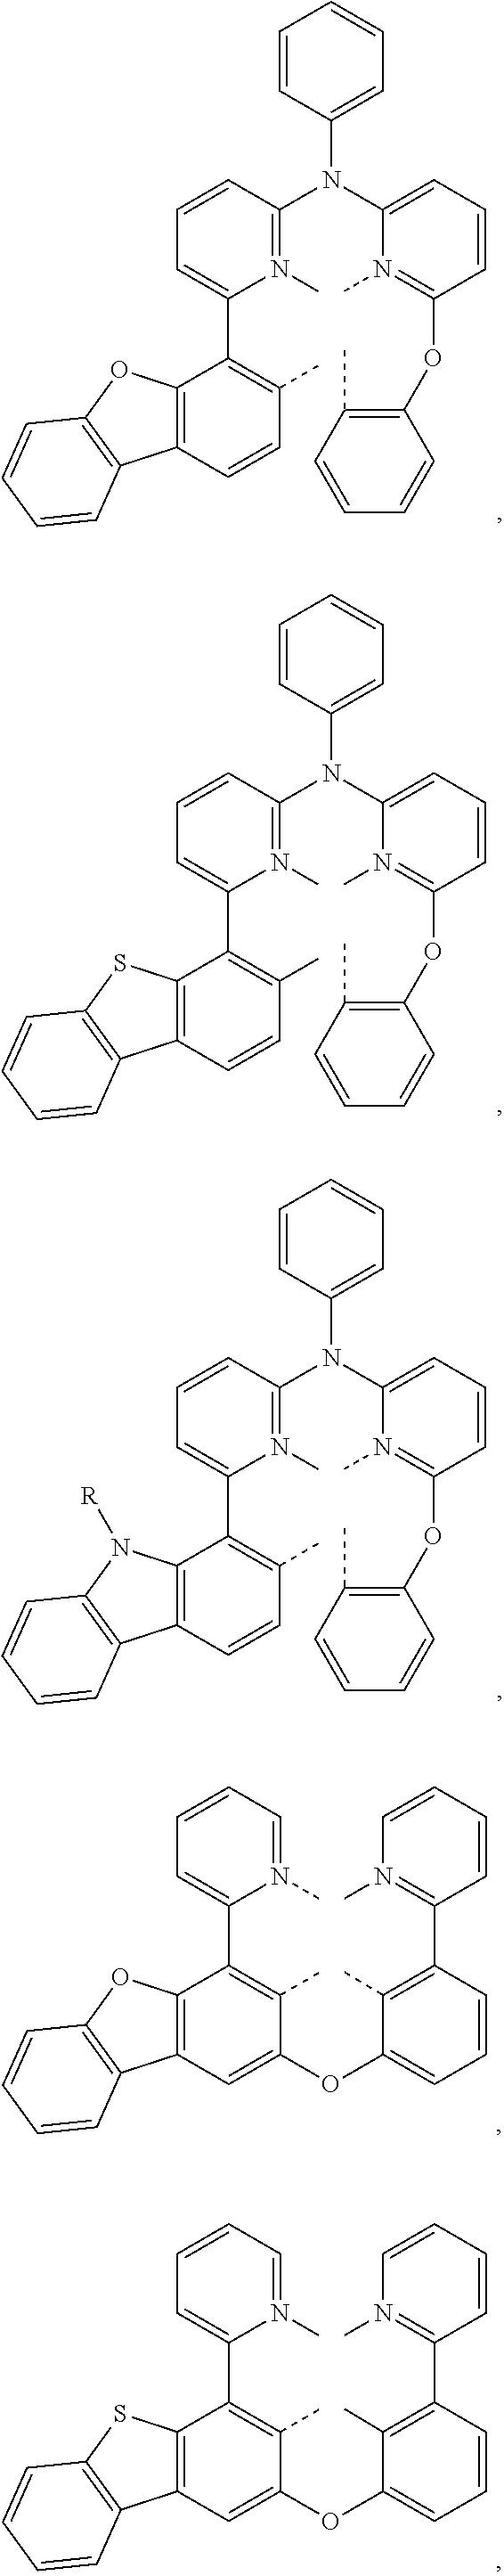 Figure US10056565-20180821-C00031